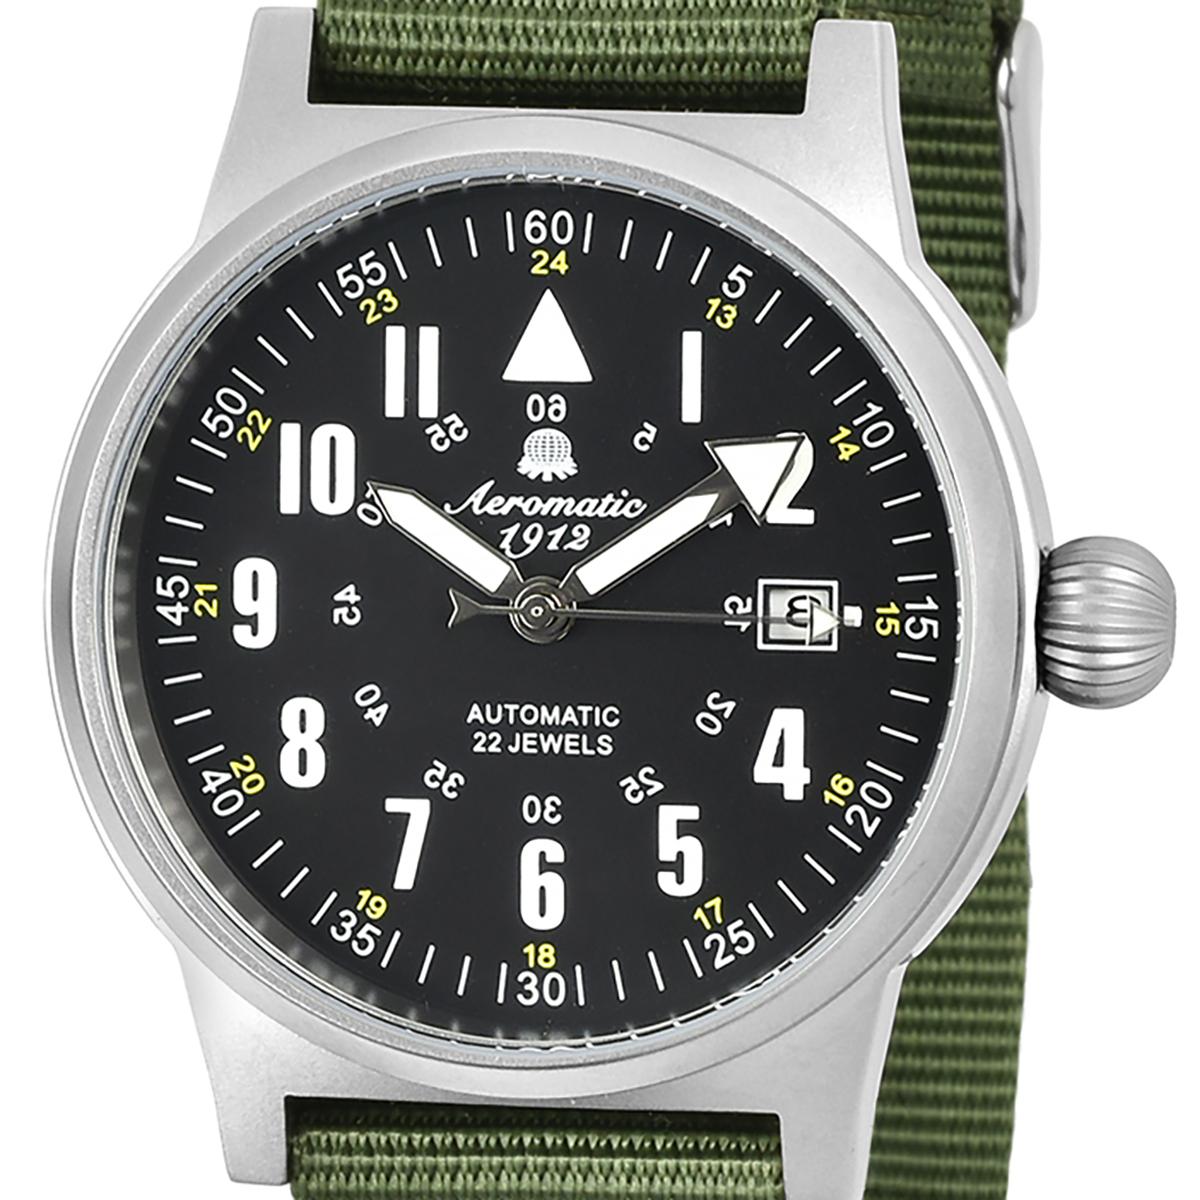 Aeromatic 1912 エアロマティック 1912 エアロマチック 1912 自動巻き 腕時計 メンズ パイロットウォッチ [A1336] 正規代理店品 メーカー保証24ヶ月